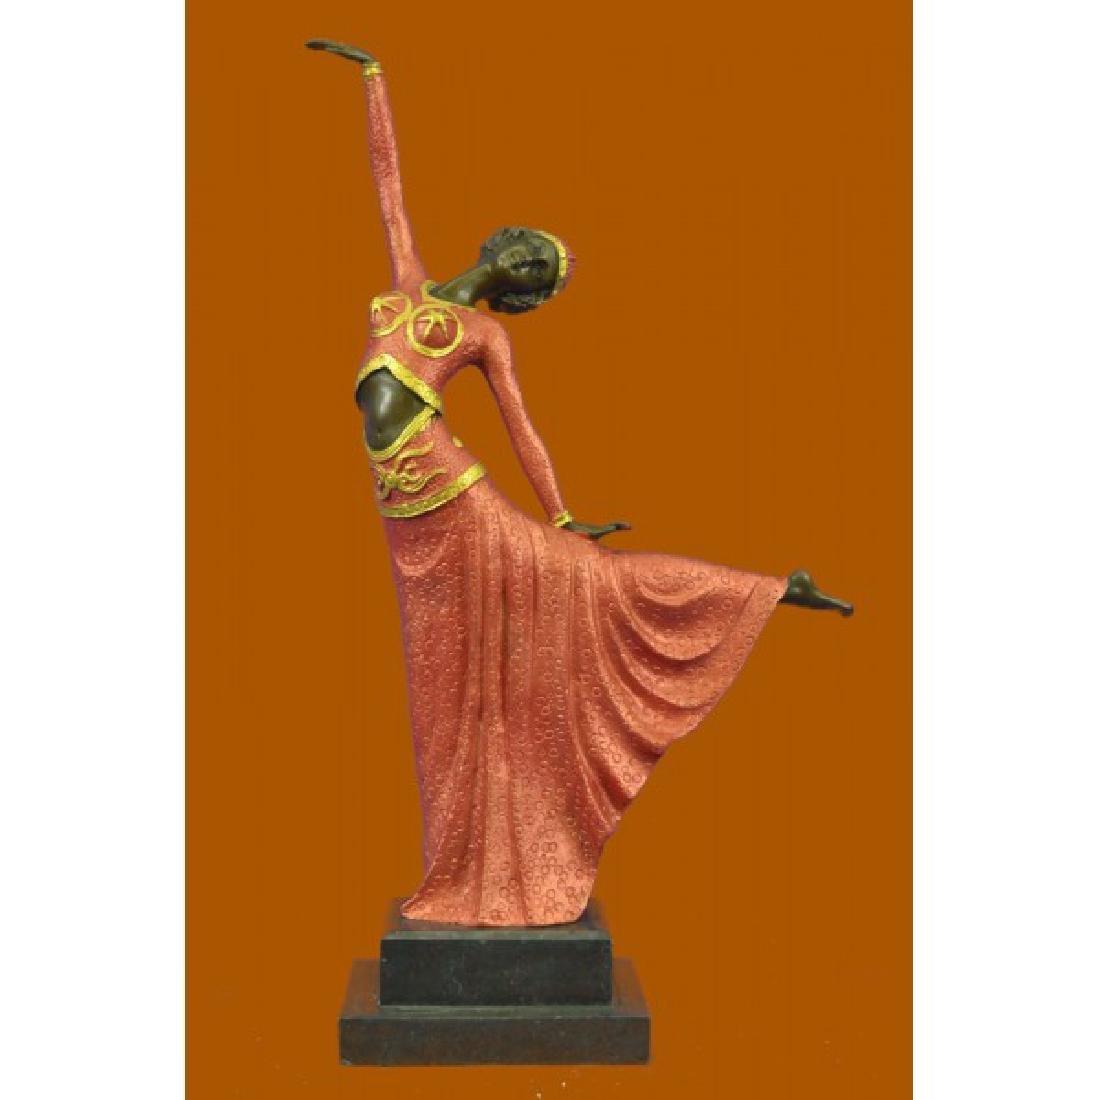 D.H.Chiparus bronze statue, art deco dancer sculpture